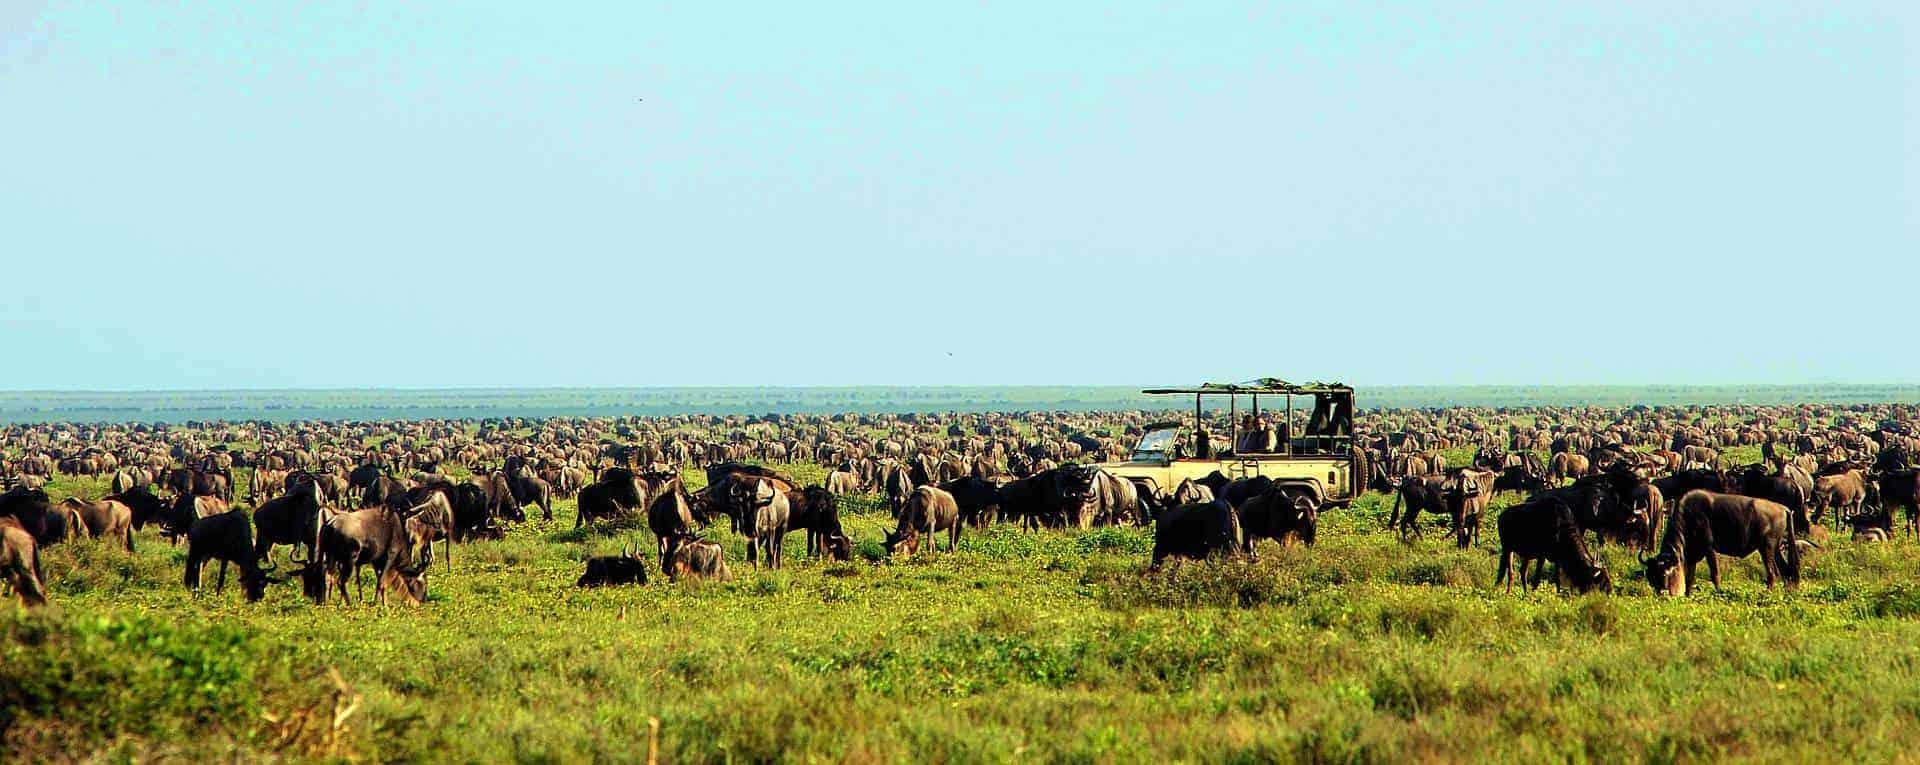 serengetisafaricamp2